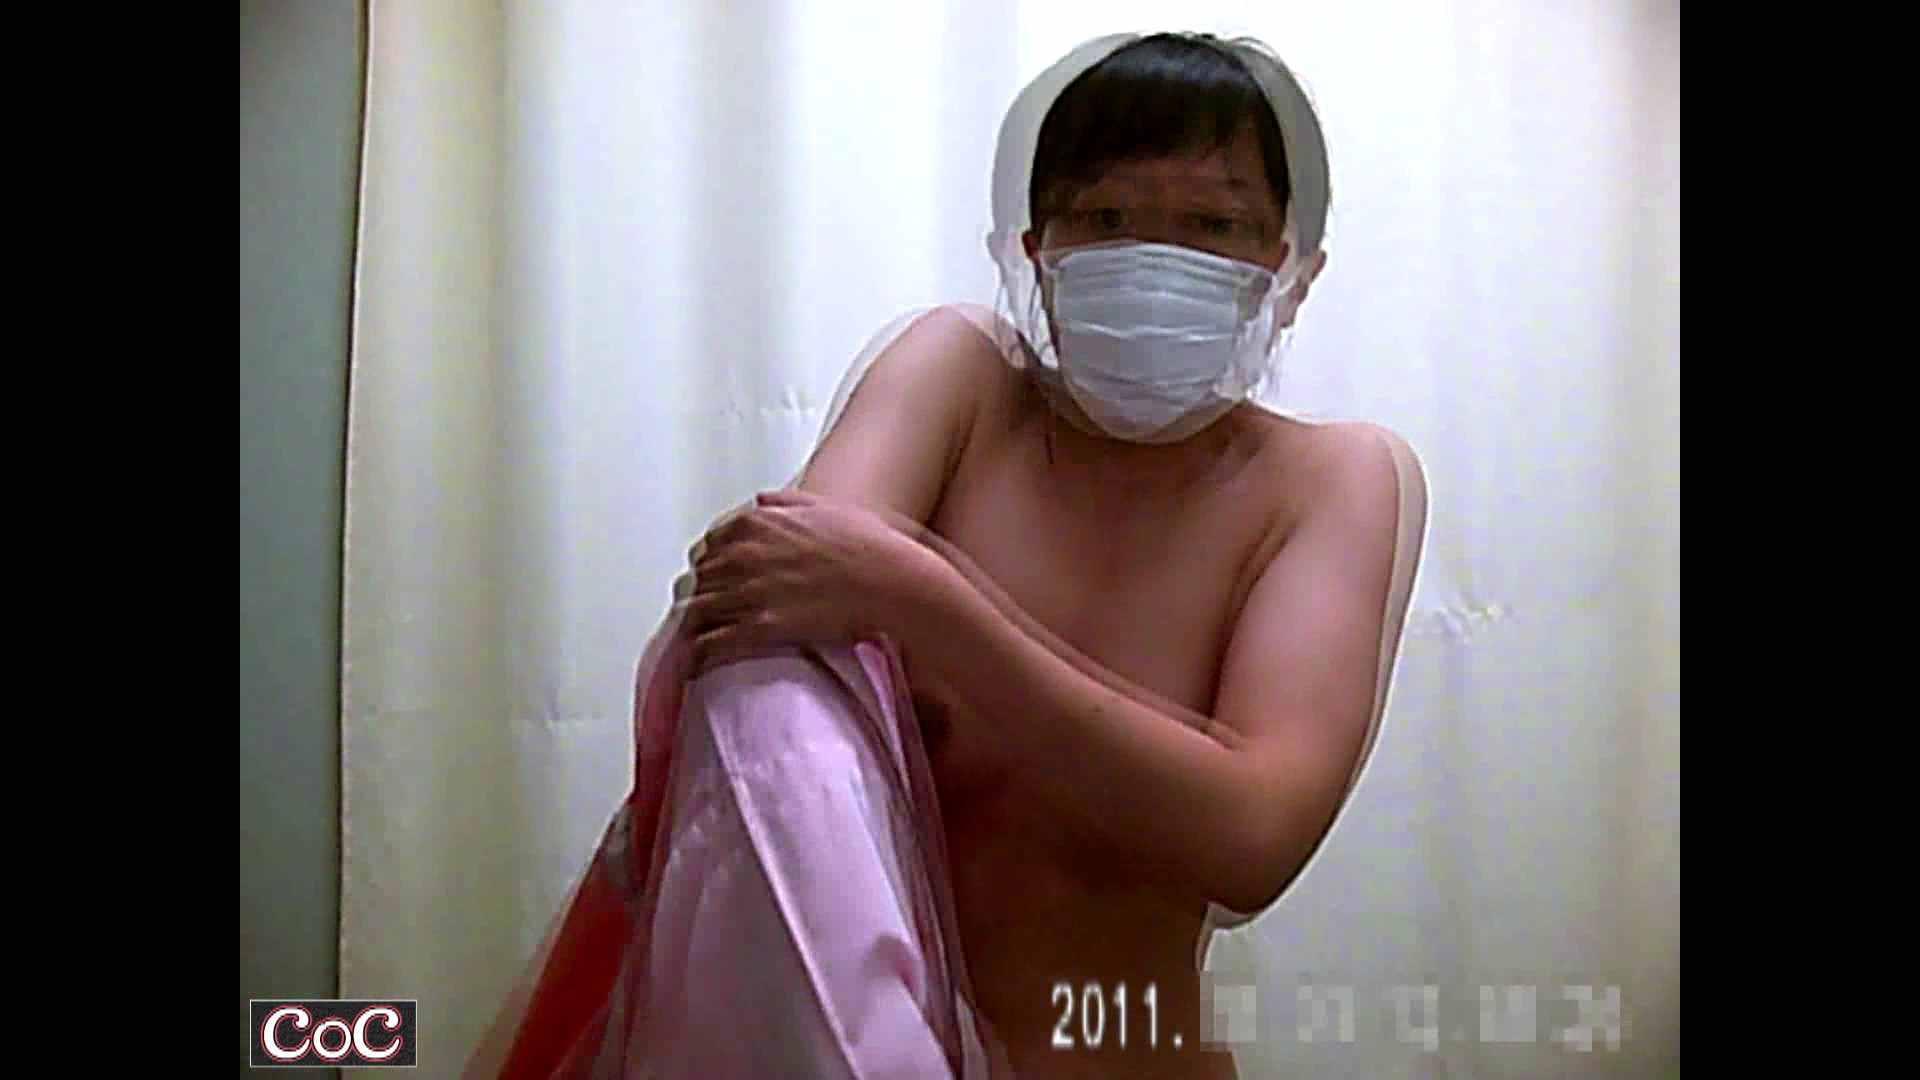 病院おもいっきり着替え! vol.10 エロティックなOL AV無料動画キャプチャ 74画像 10